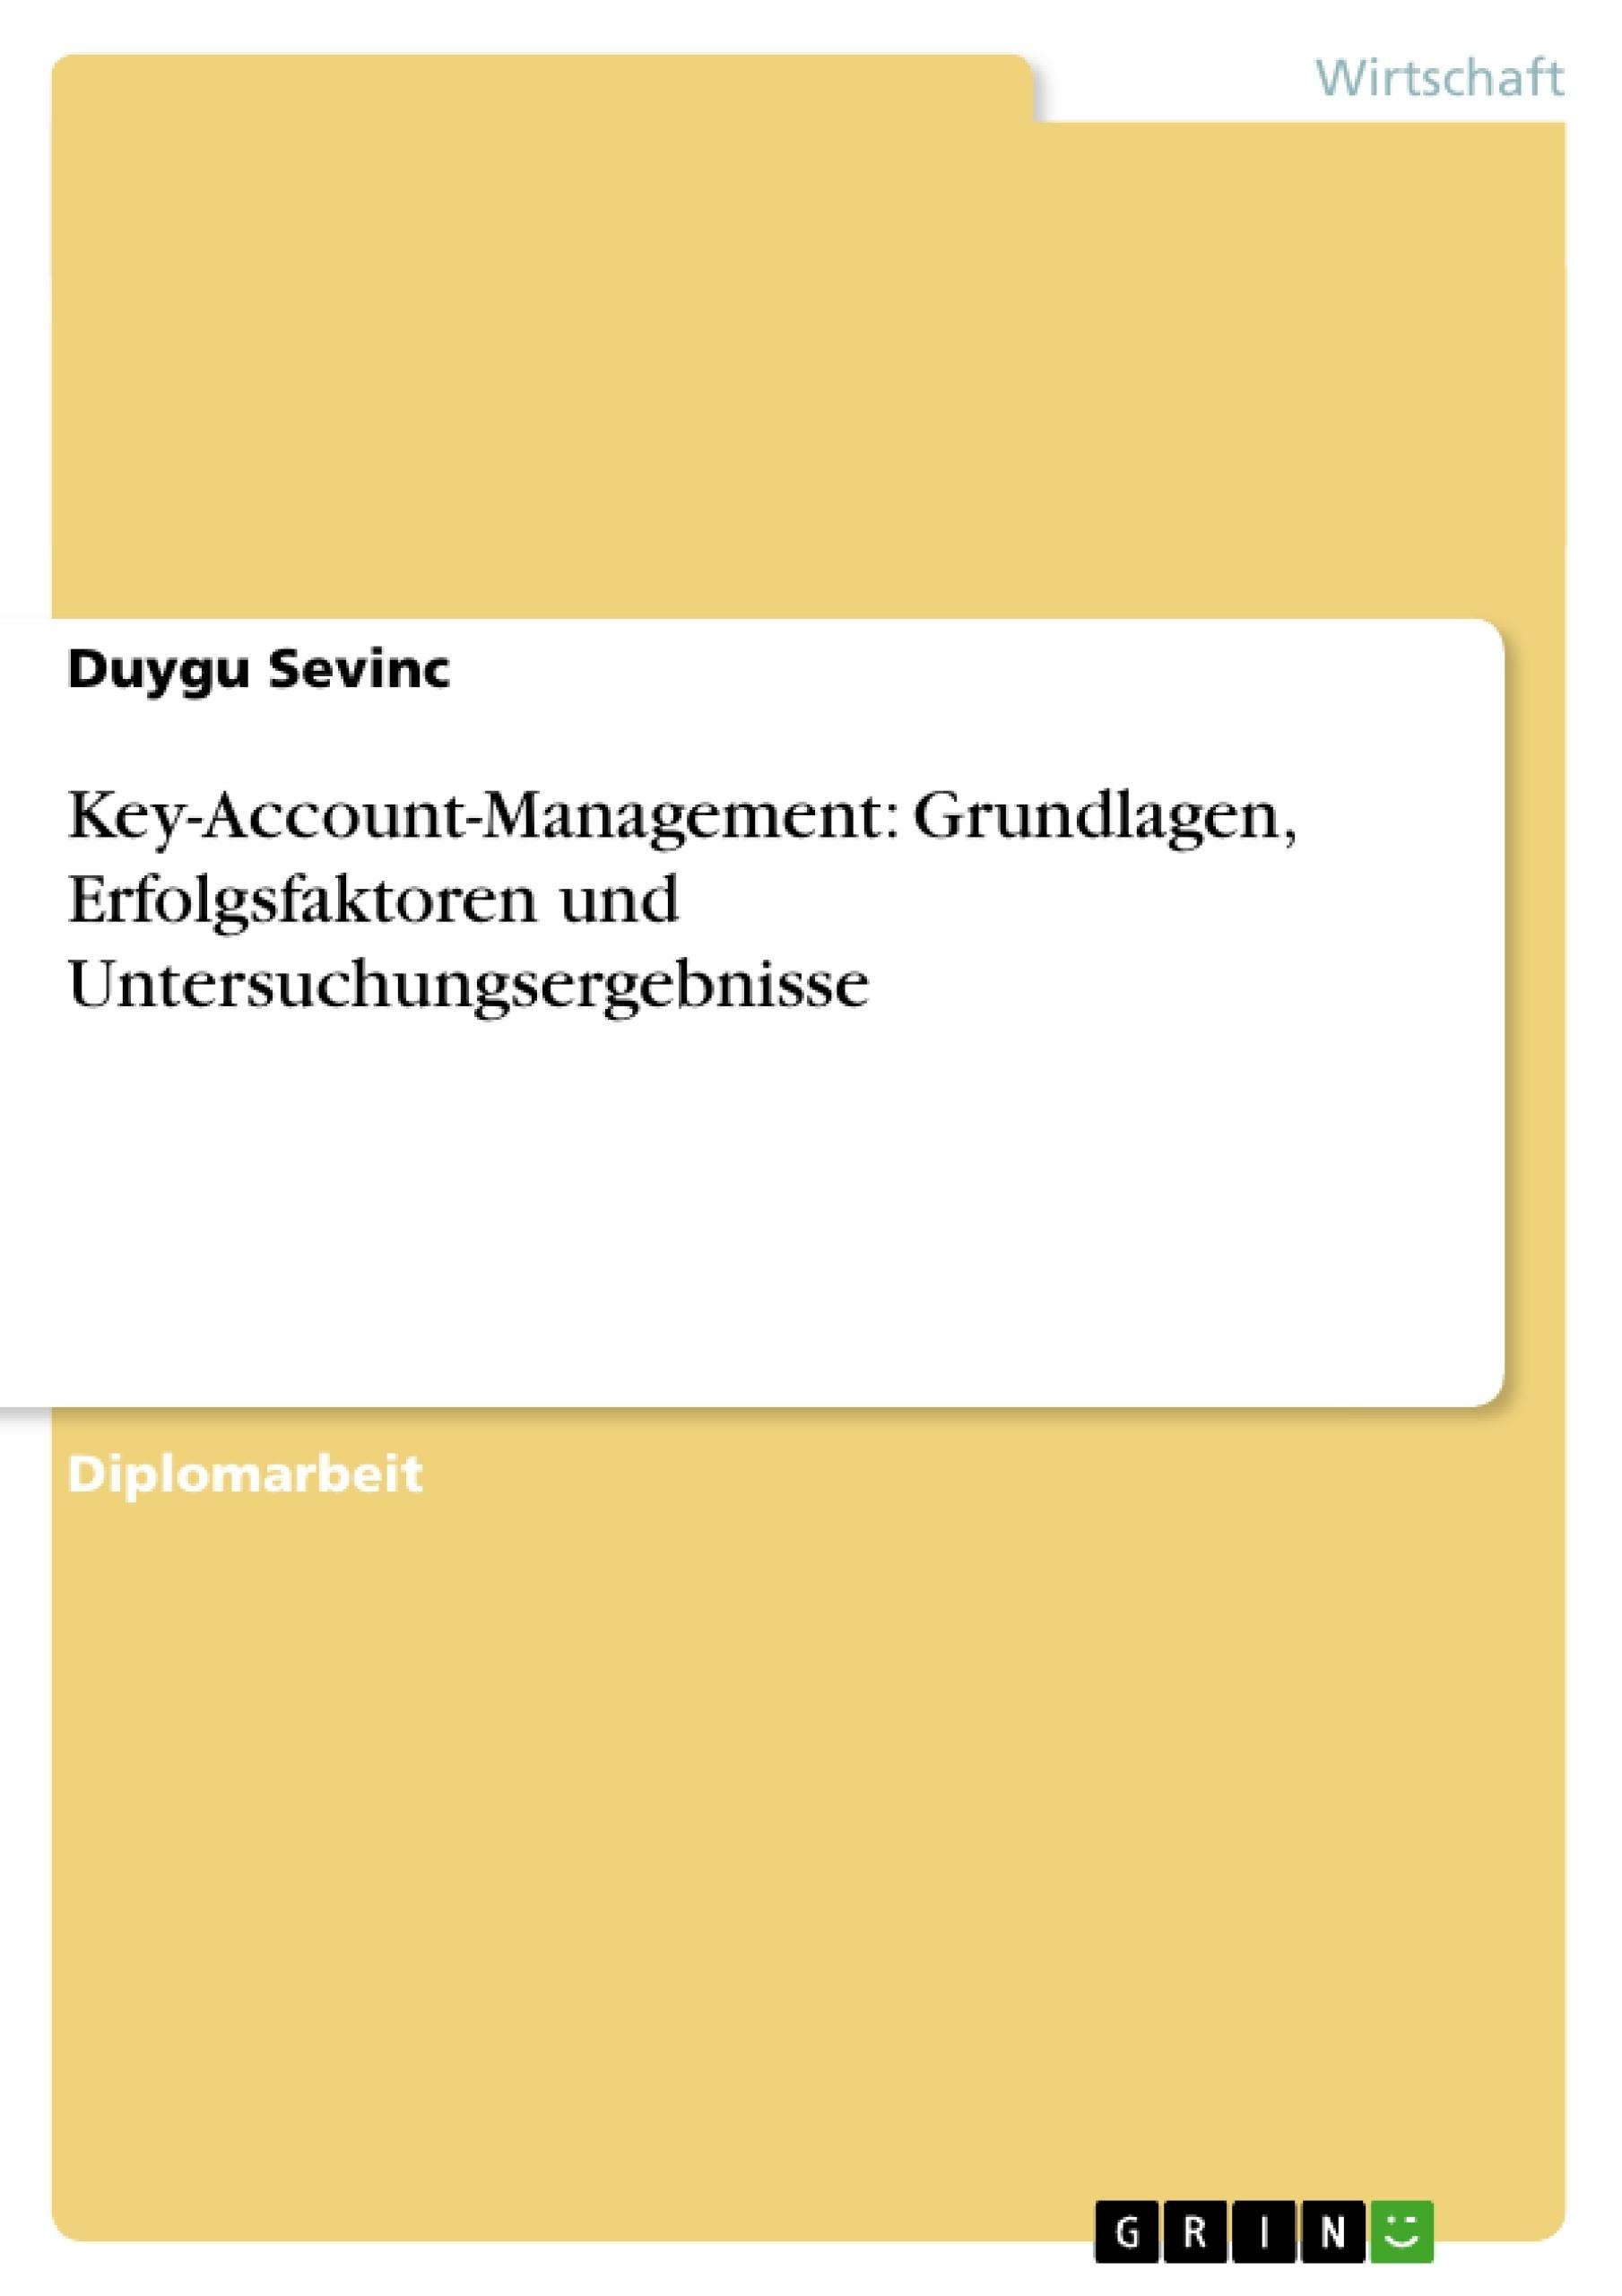 Titel: Key-Account-Management: Grundlagen, Erfolgsfaktoren und Untersuchungsergebnisse